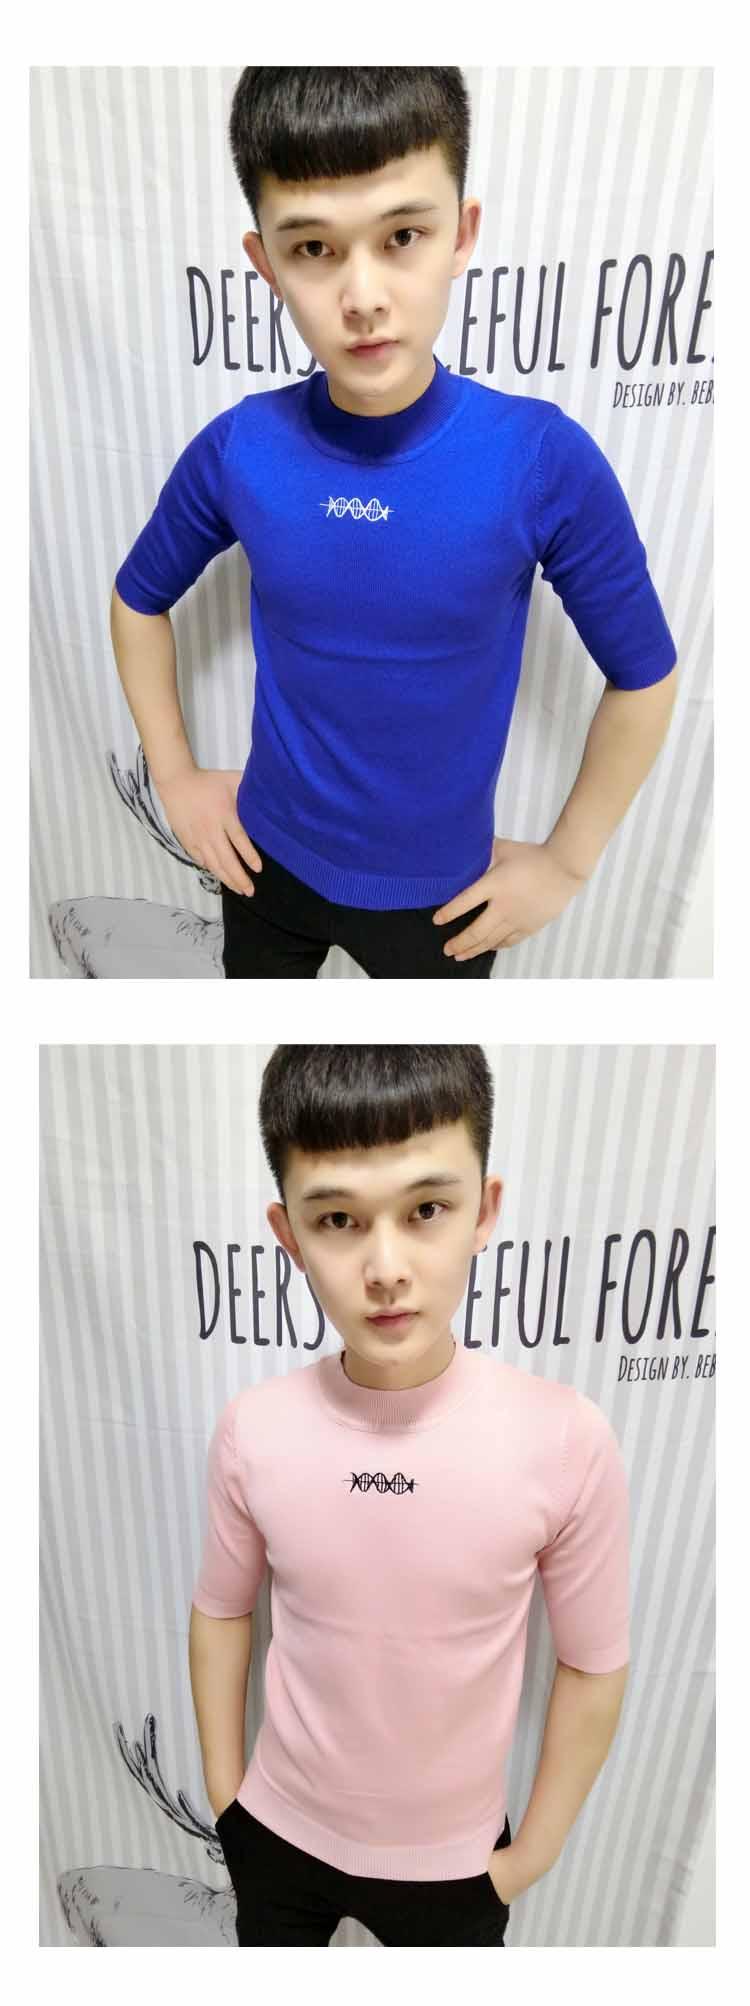 Nhanh tay người đàn ông da đỏ hai con trai với cùng một đoạn ngắn tay áo len nam mùa xuân mới nửa tay Hàn Quốc phiên bản của triều Slim năm điểm tay áo len